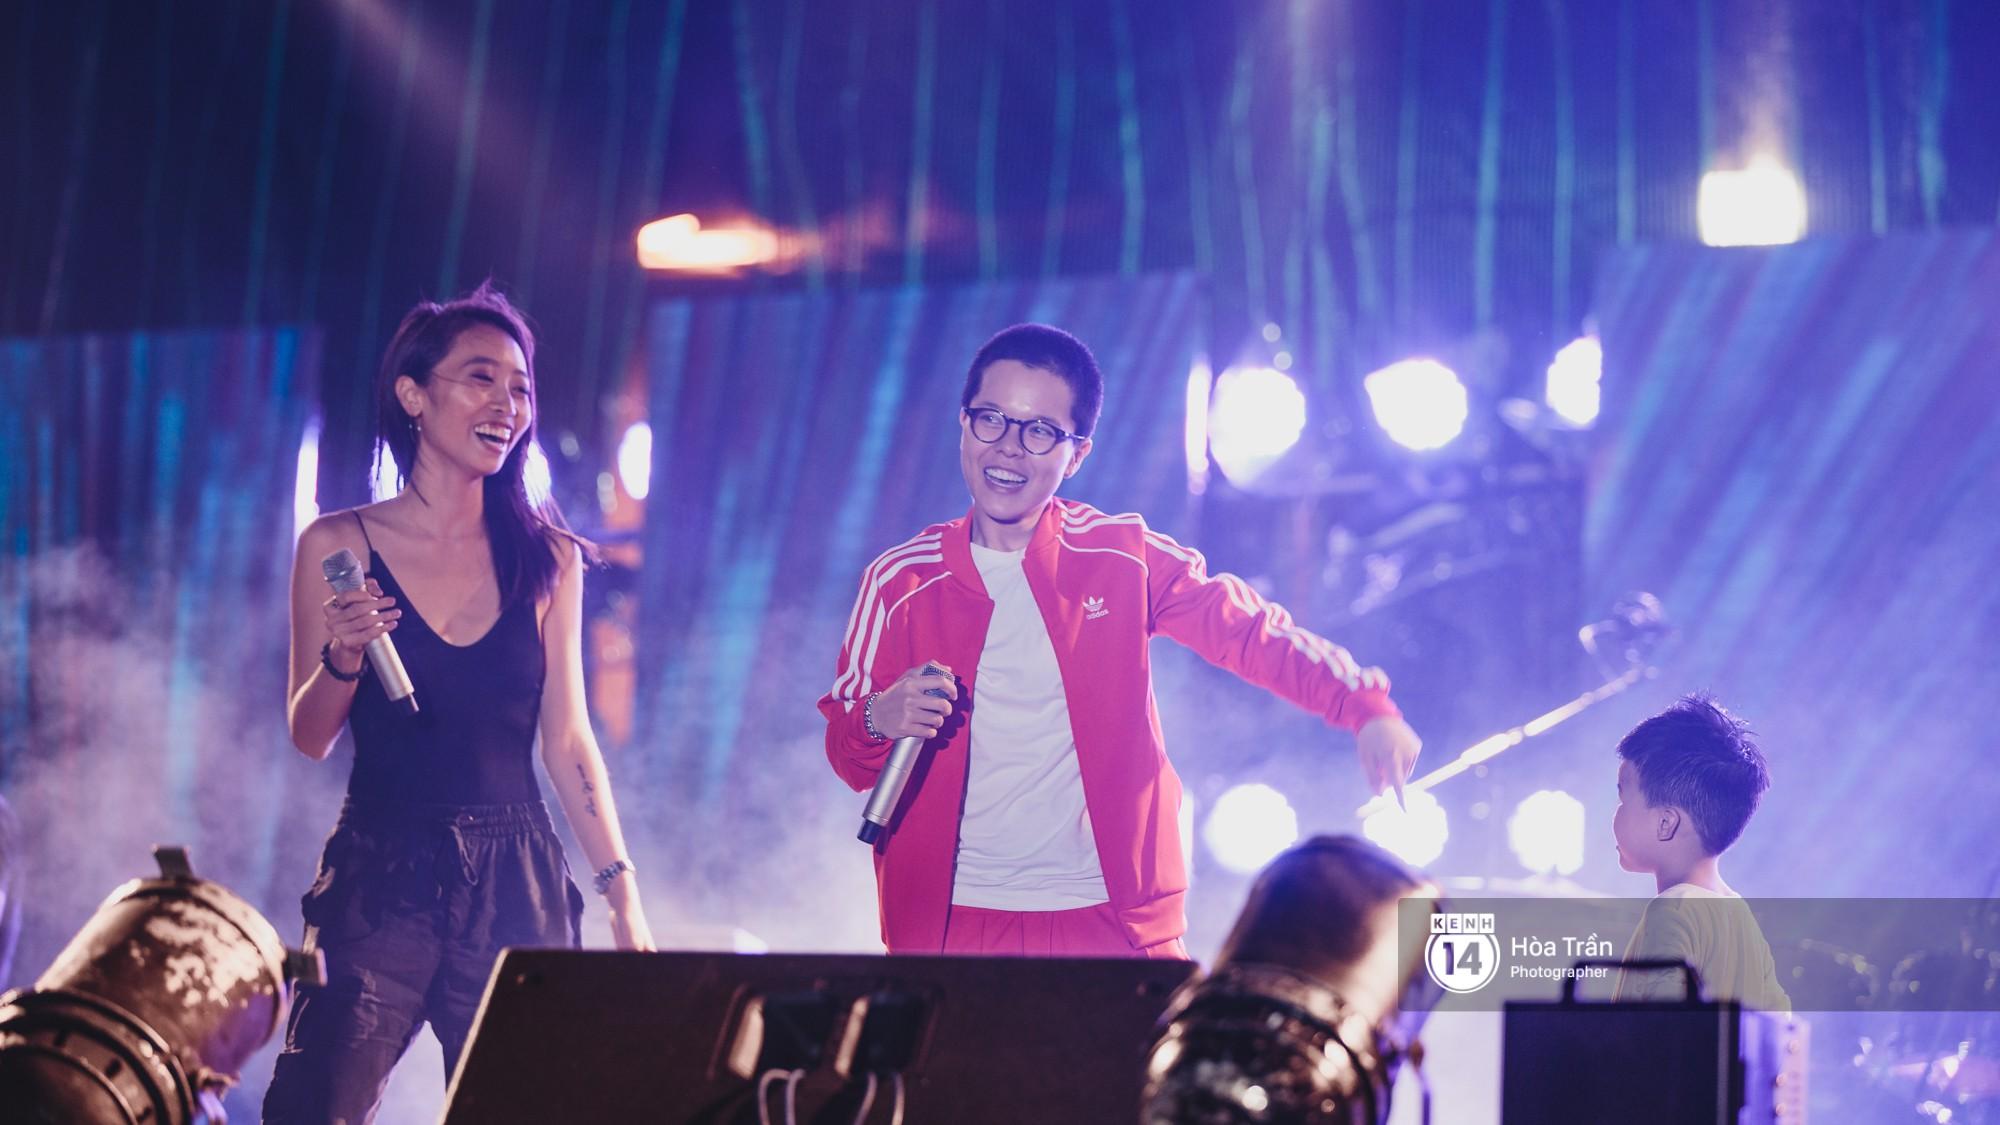 Đen Vâu, Vũ, Ngọt Band cũng loạt nghệ sỹ Indie đình đám khiến Sài Gòn tăng nhiệt tại Thơm Music Festival - Ảnh 12.